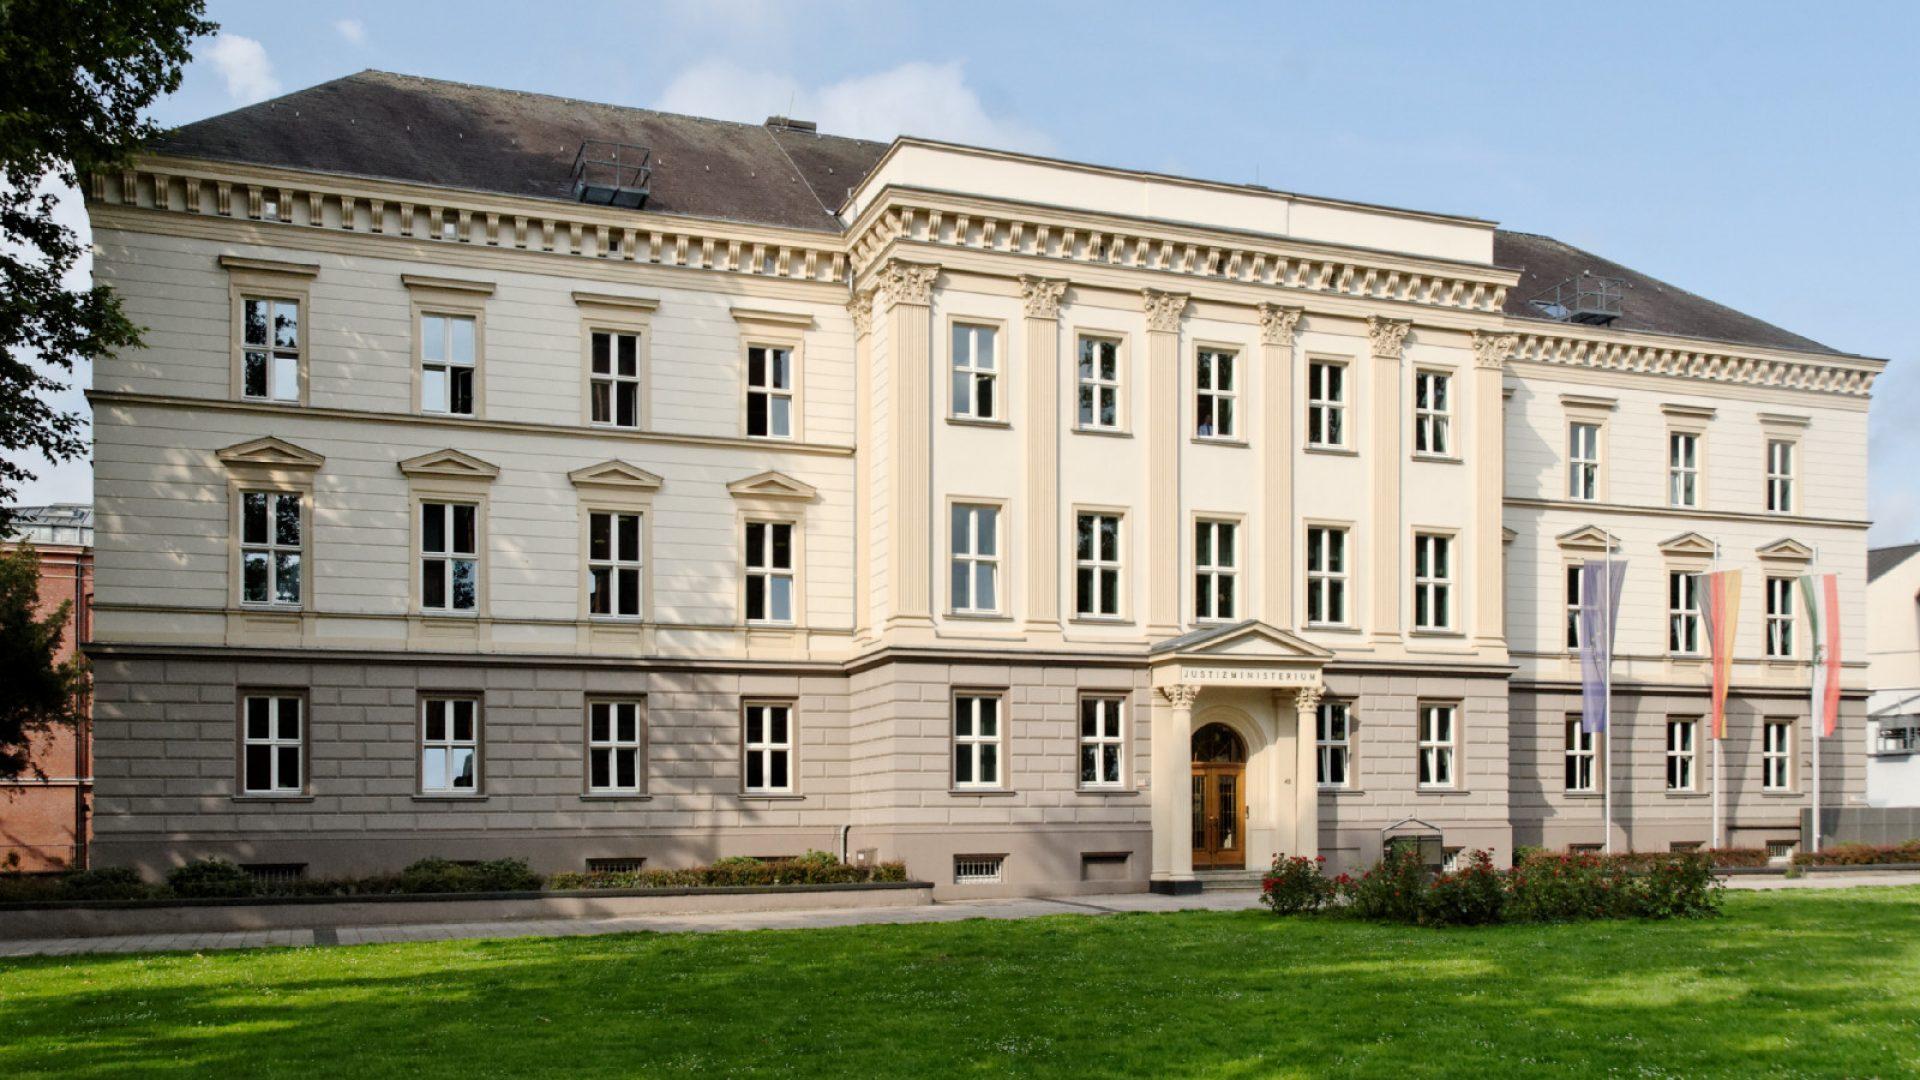 Justizministerium_in_Duesseldorf-Stadtmitte,_von_Nordosten